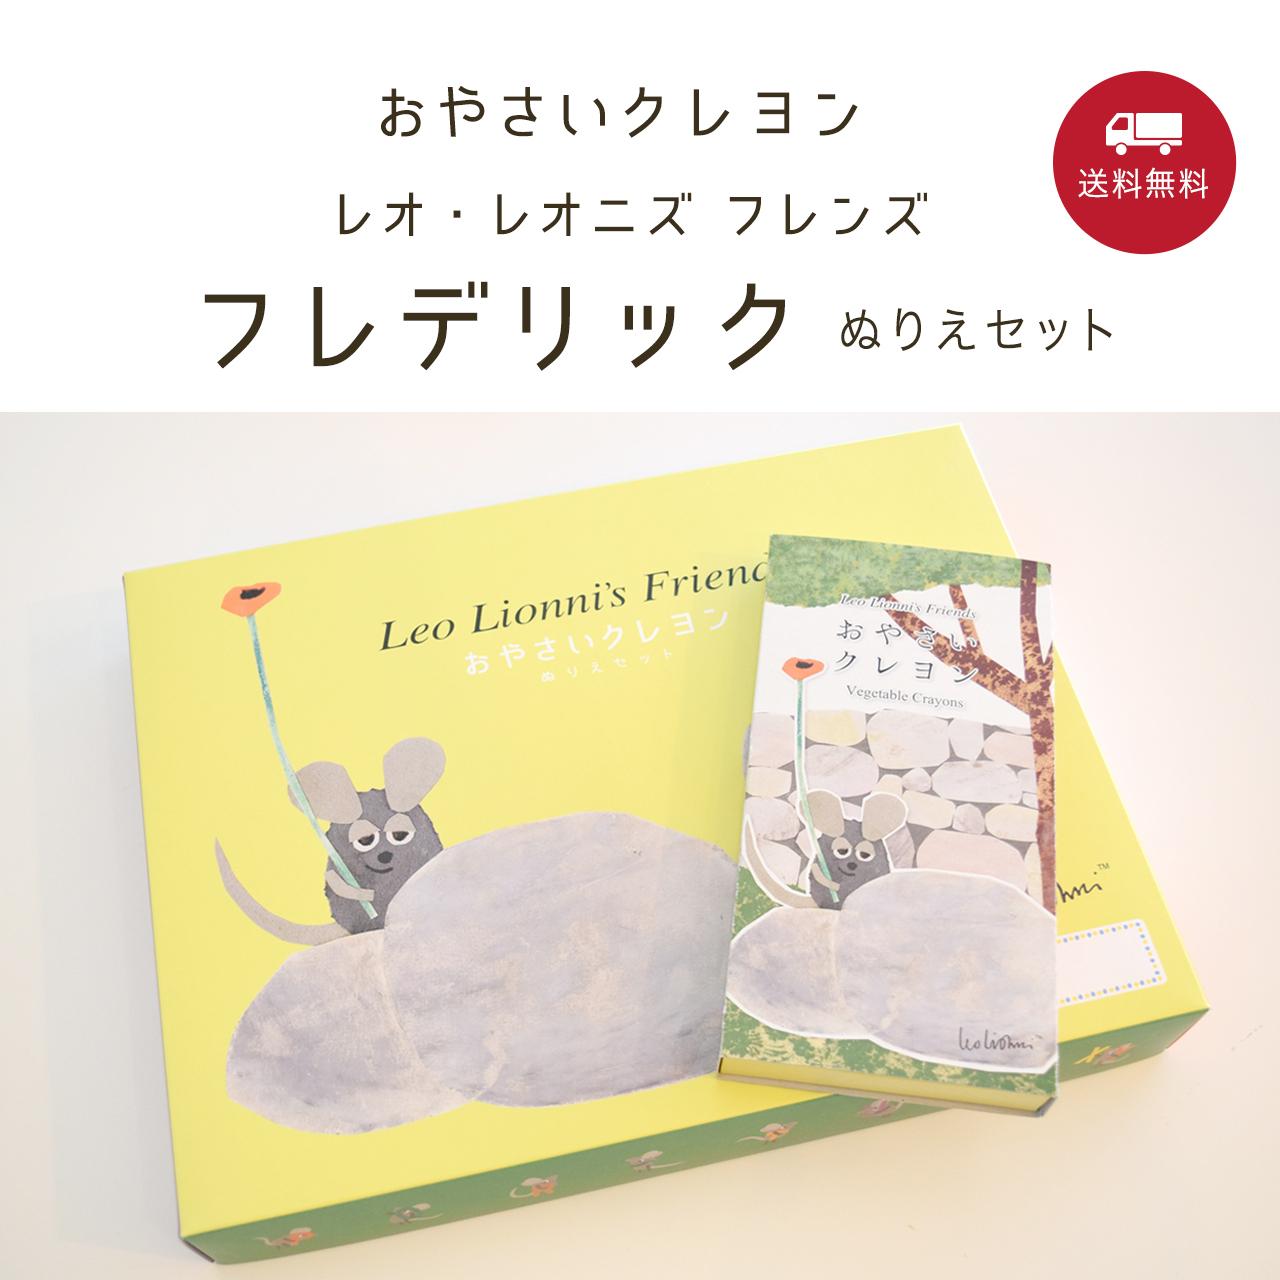 レオ・レオニ作「フレデリック」の魅力とおやさいクレヨン&ぬりえセット